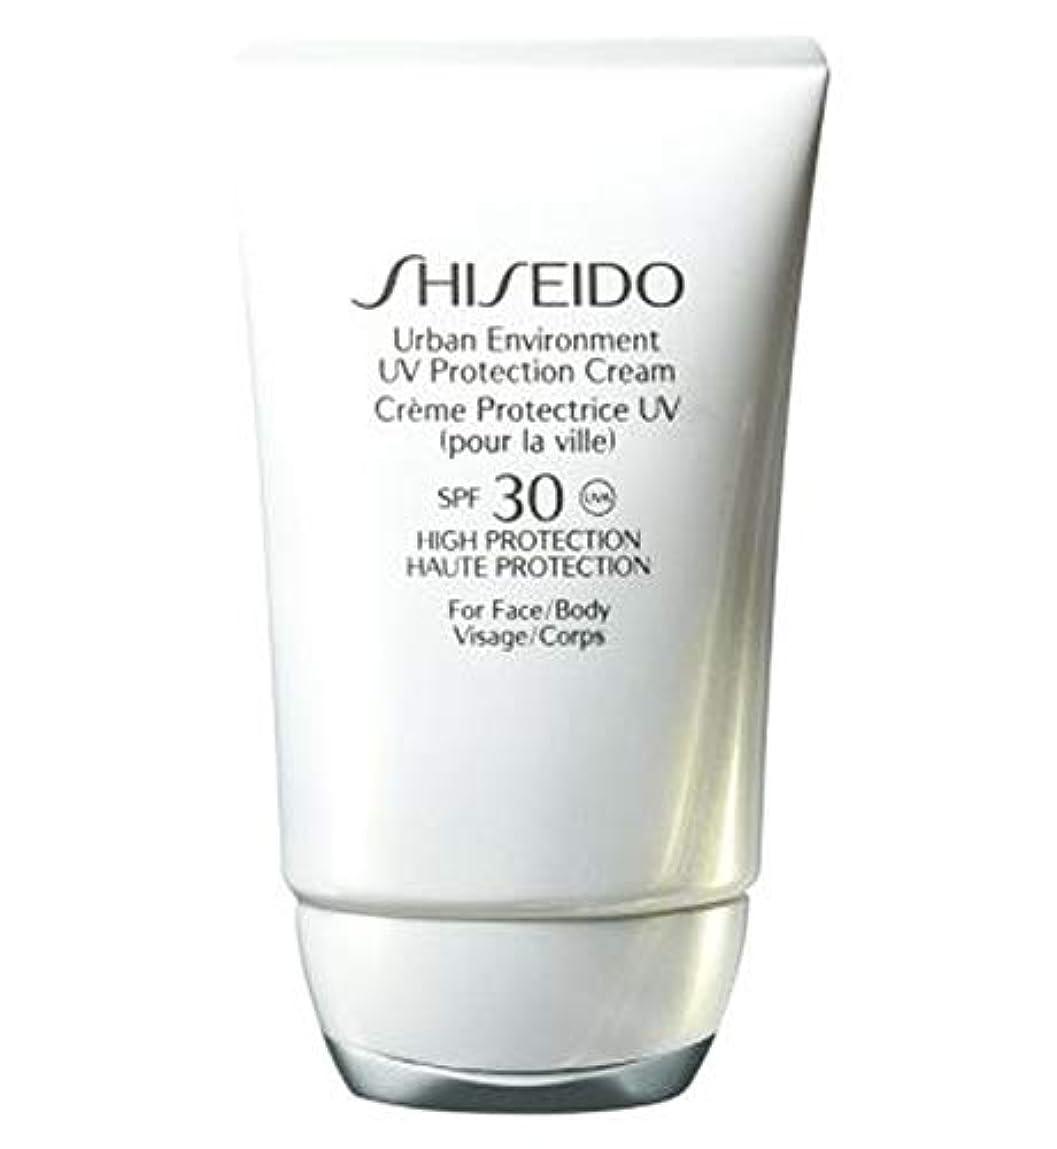 泣いている郵便物容器[Shiseido] 資生堂都市環境保護クリームSpf30の50ミリリットル - Shiseido Urban Environment Protection Cream Spf30 50ml [並行輸入品]